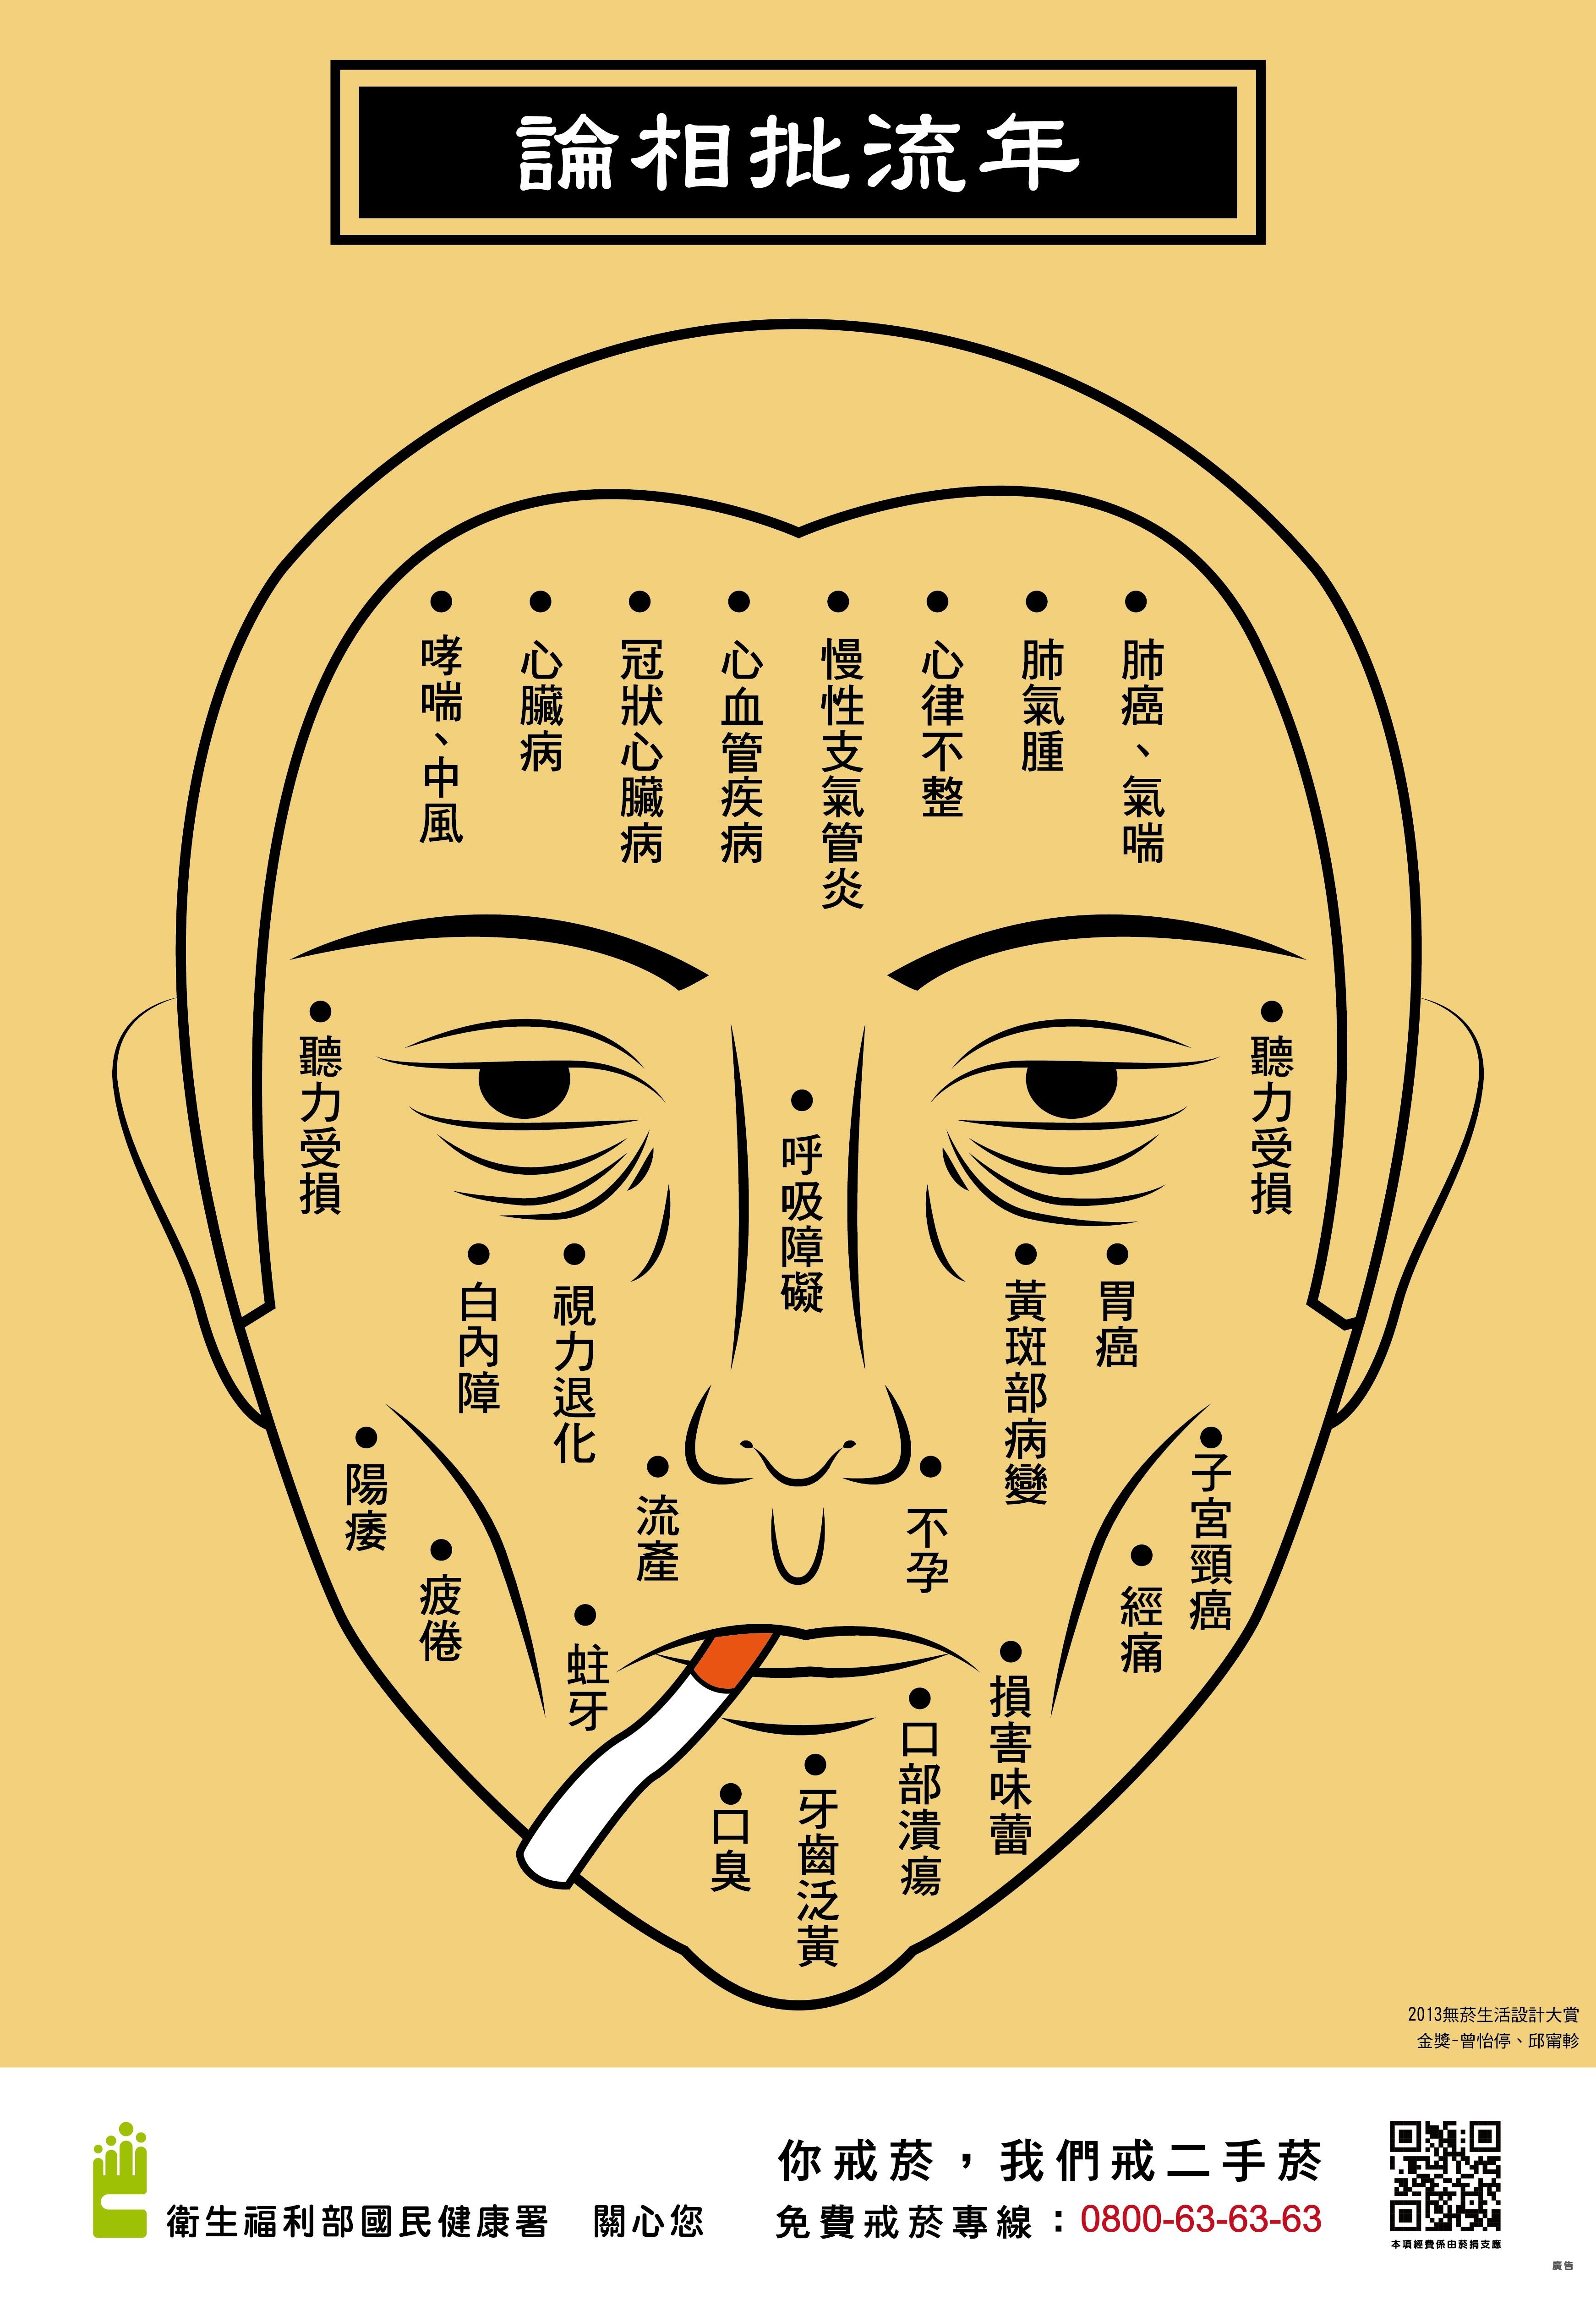 論相批流年-你戒菸,我們戒二手菸(2013無菸生活得獎作品)